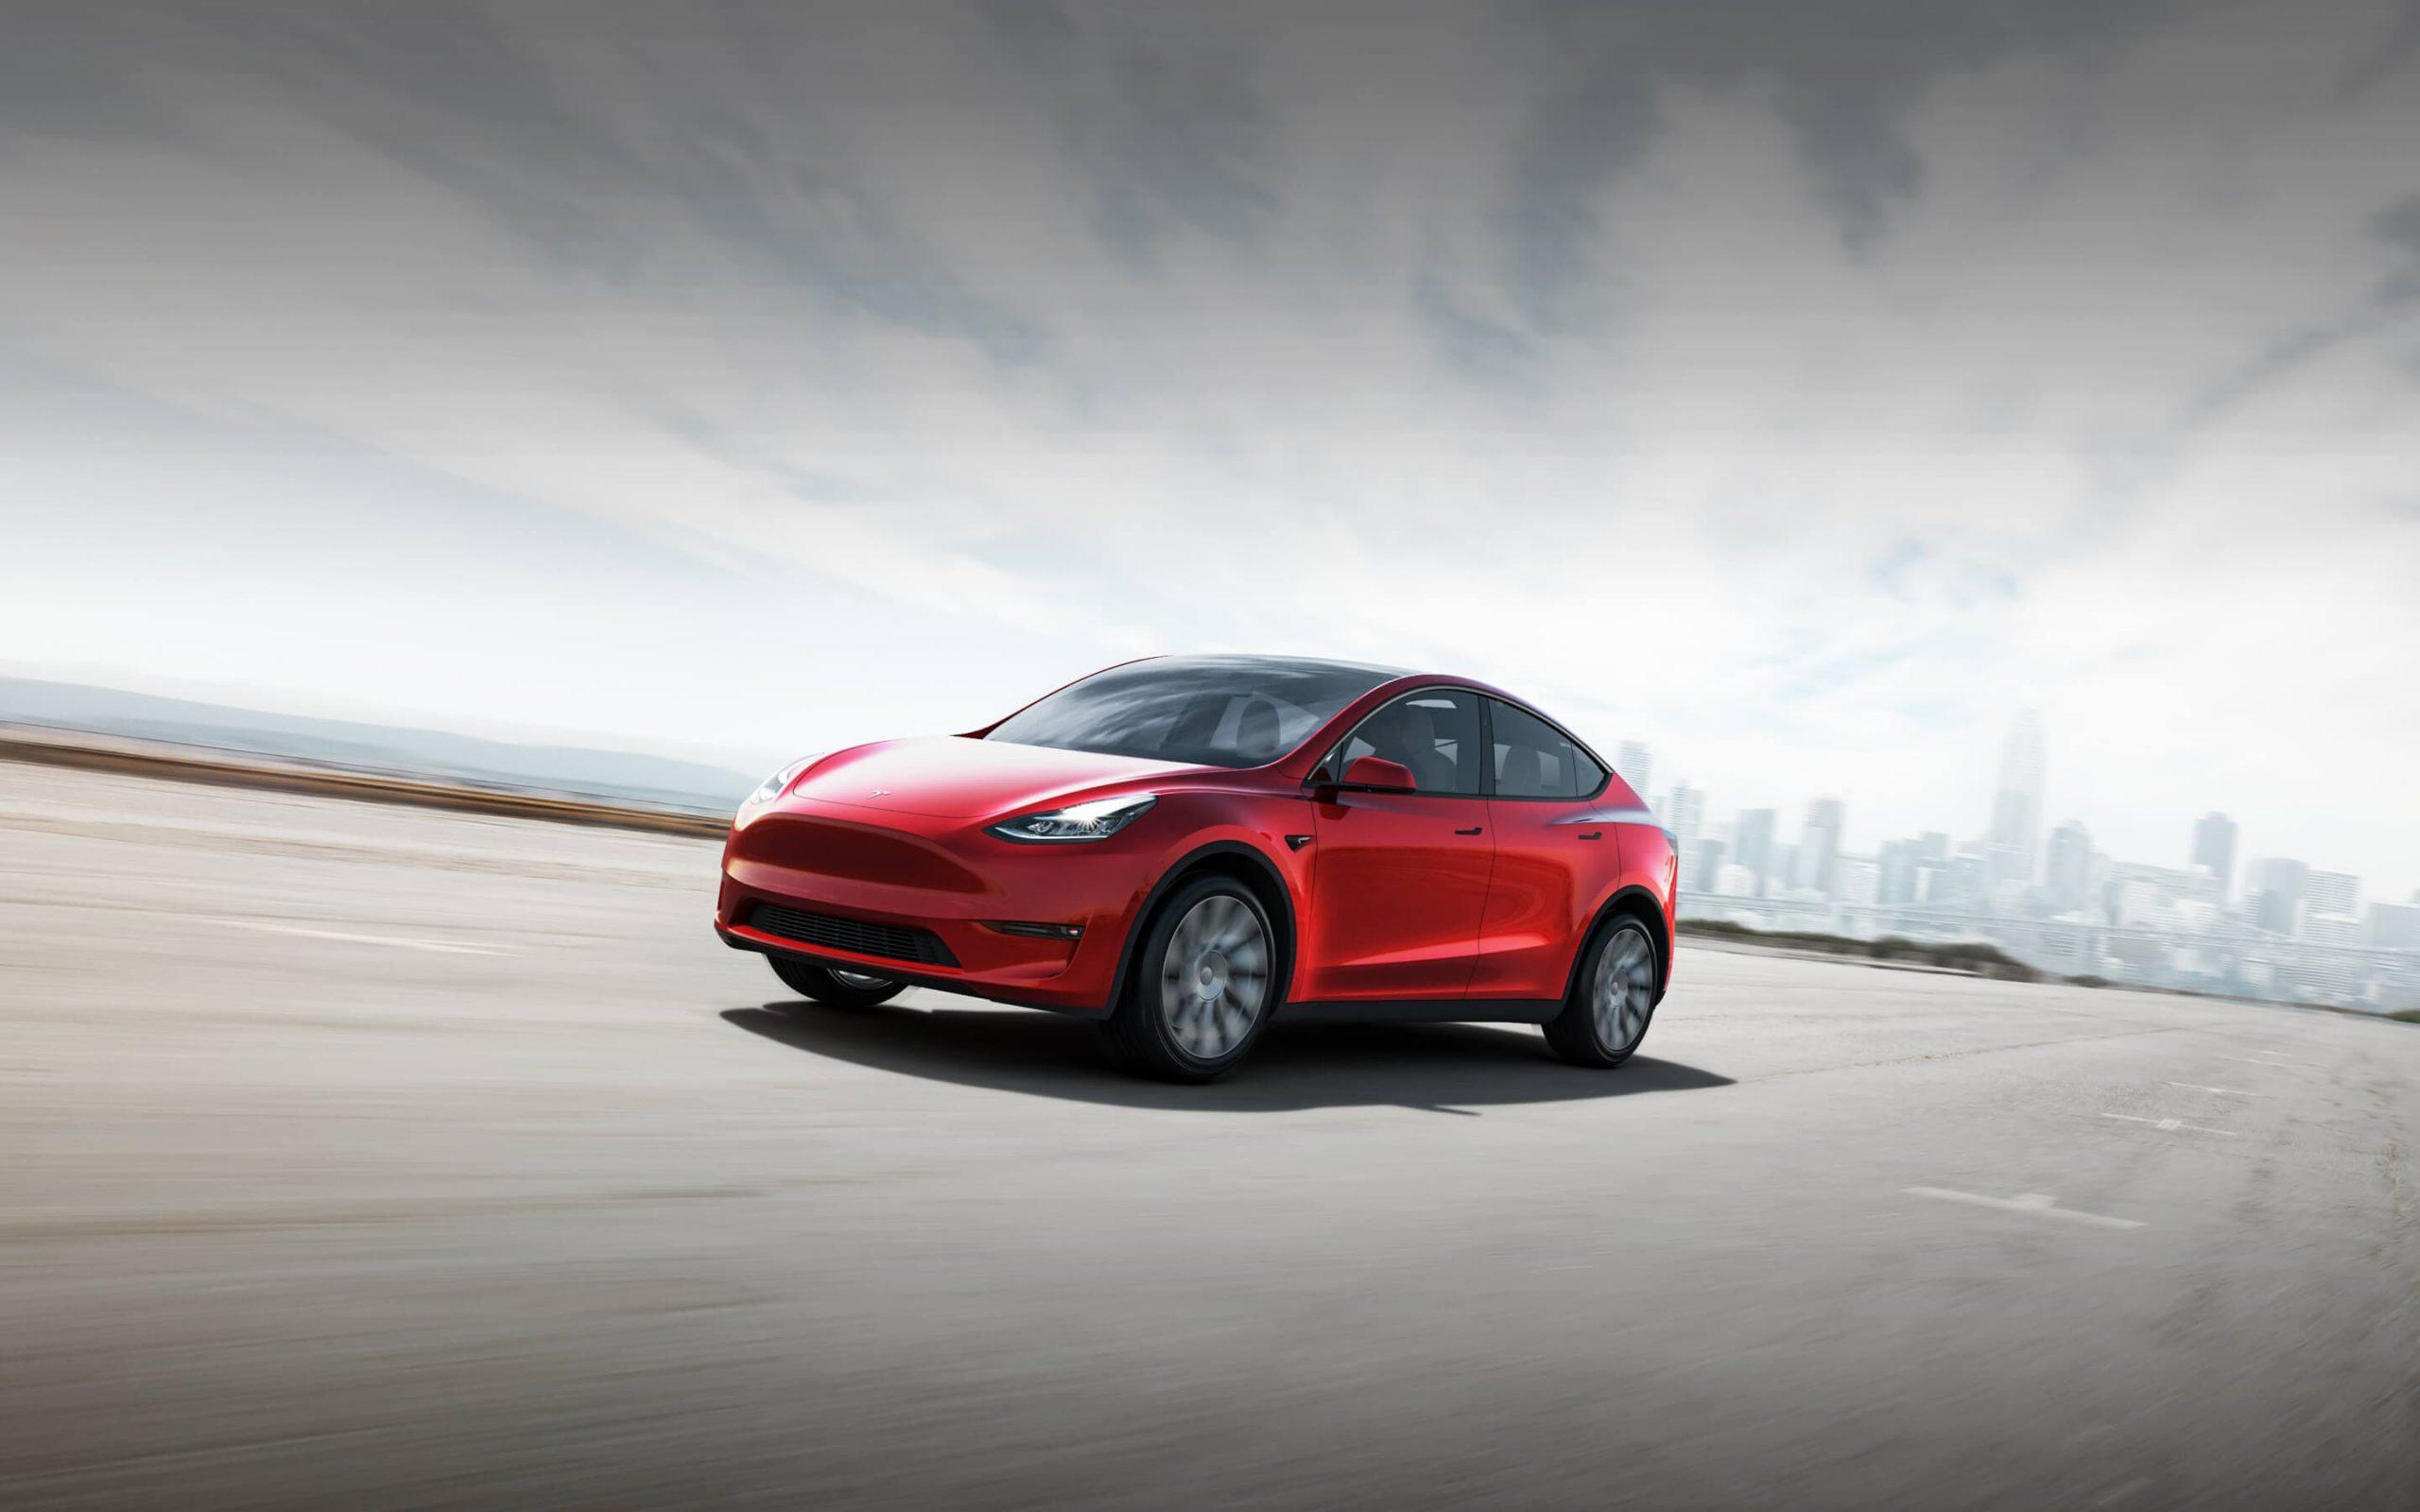 Tesla abarata costo de auto ante impacto por covid-19